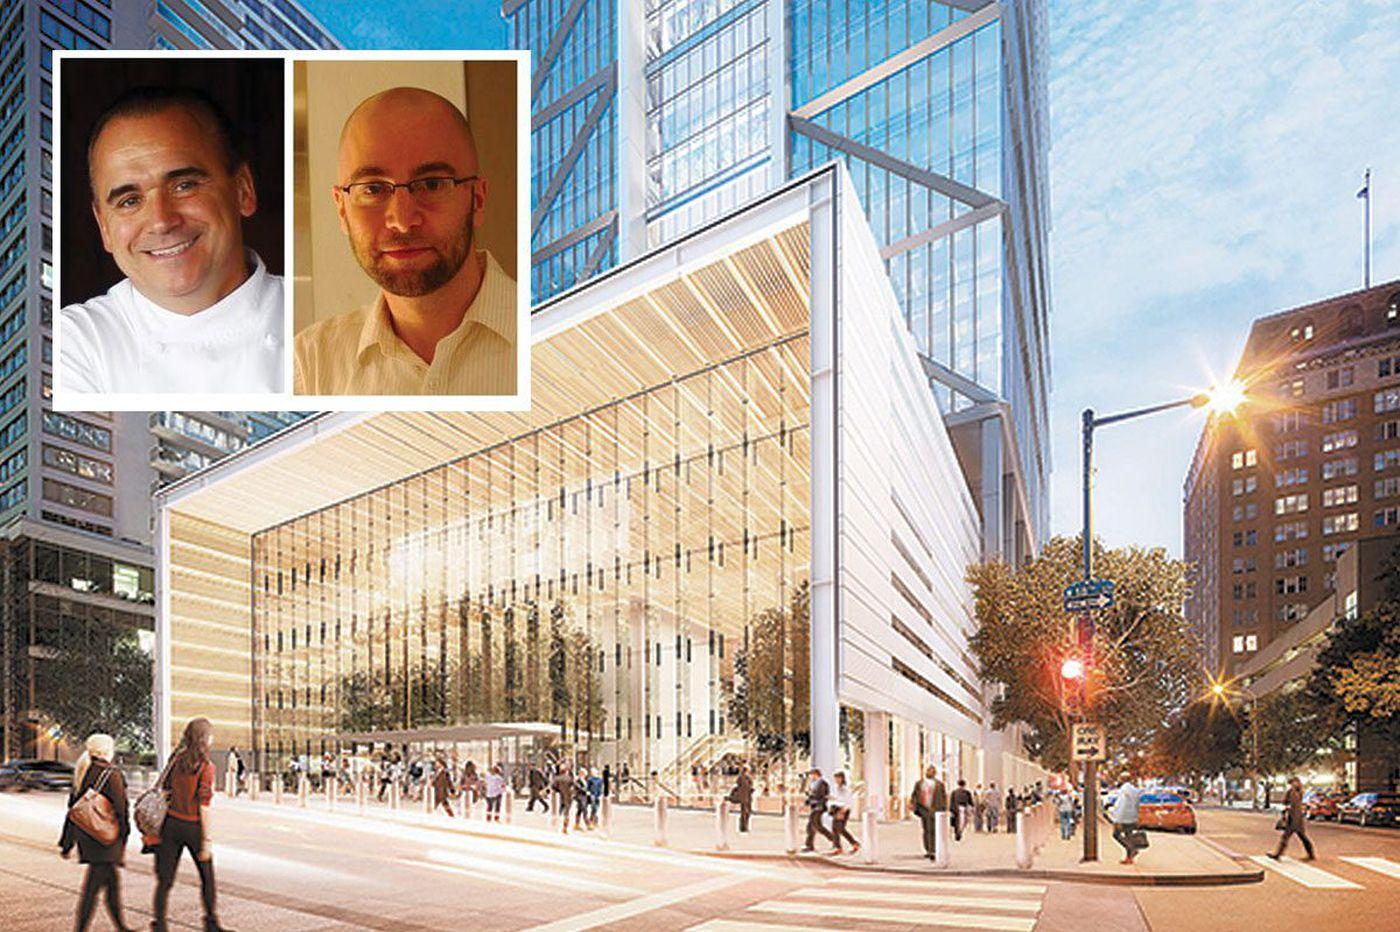 Chefs Vernick and Vongerichten to open restaurants at new Comcast tower